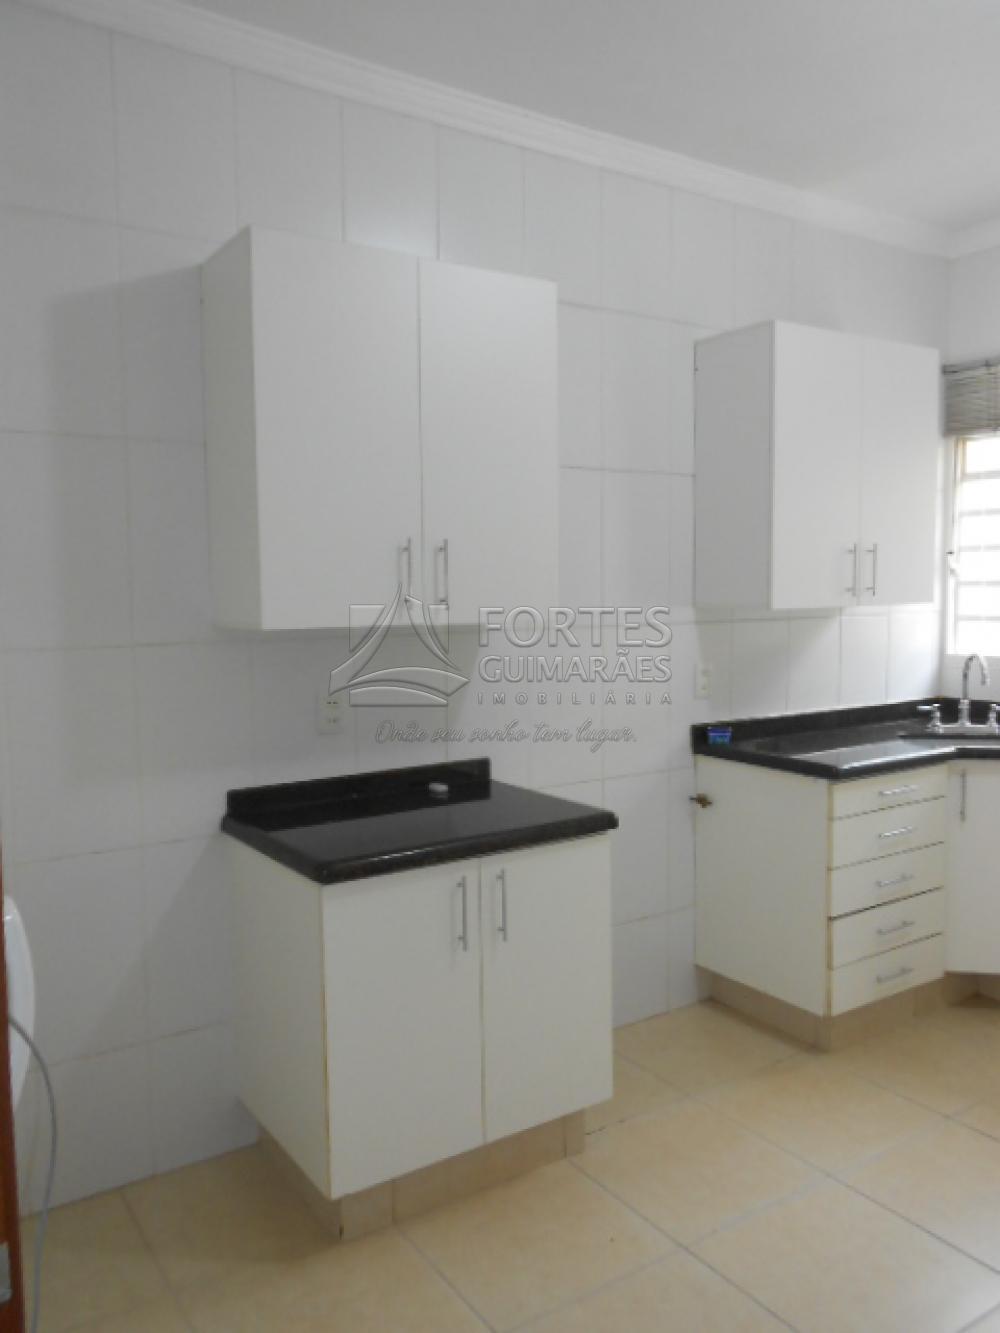 Alugar Casas / Padrão em Ribeirão Preto apenas R$ 3.500,00 - Foto 58